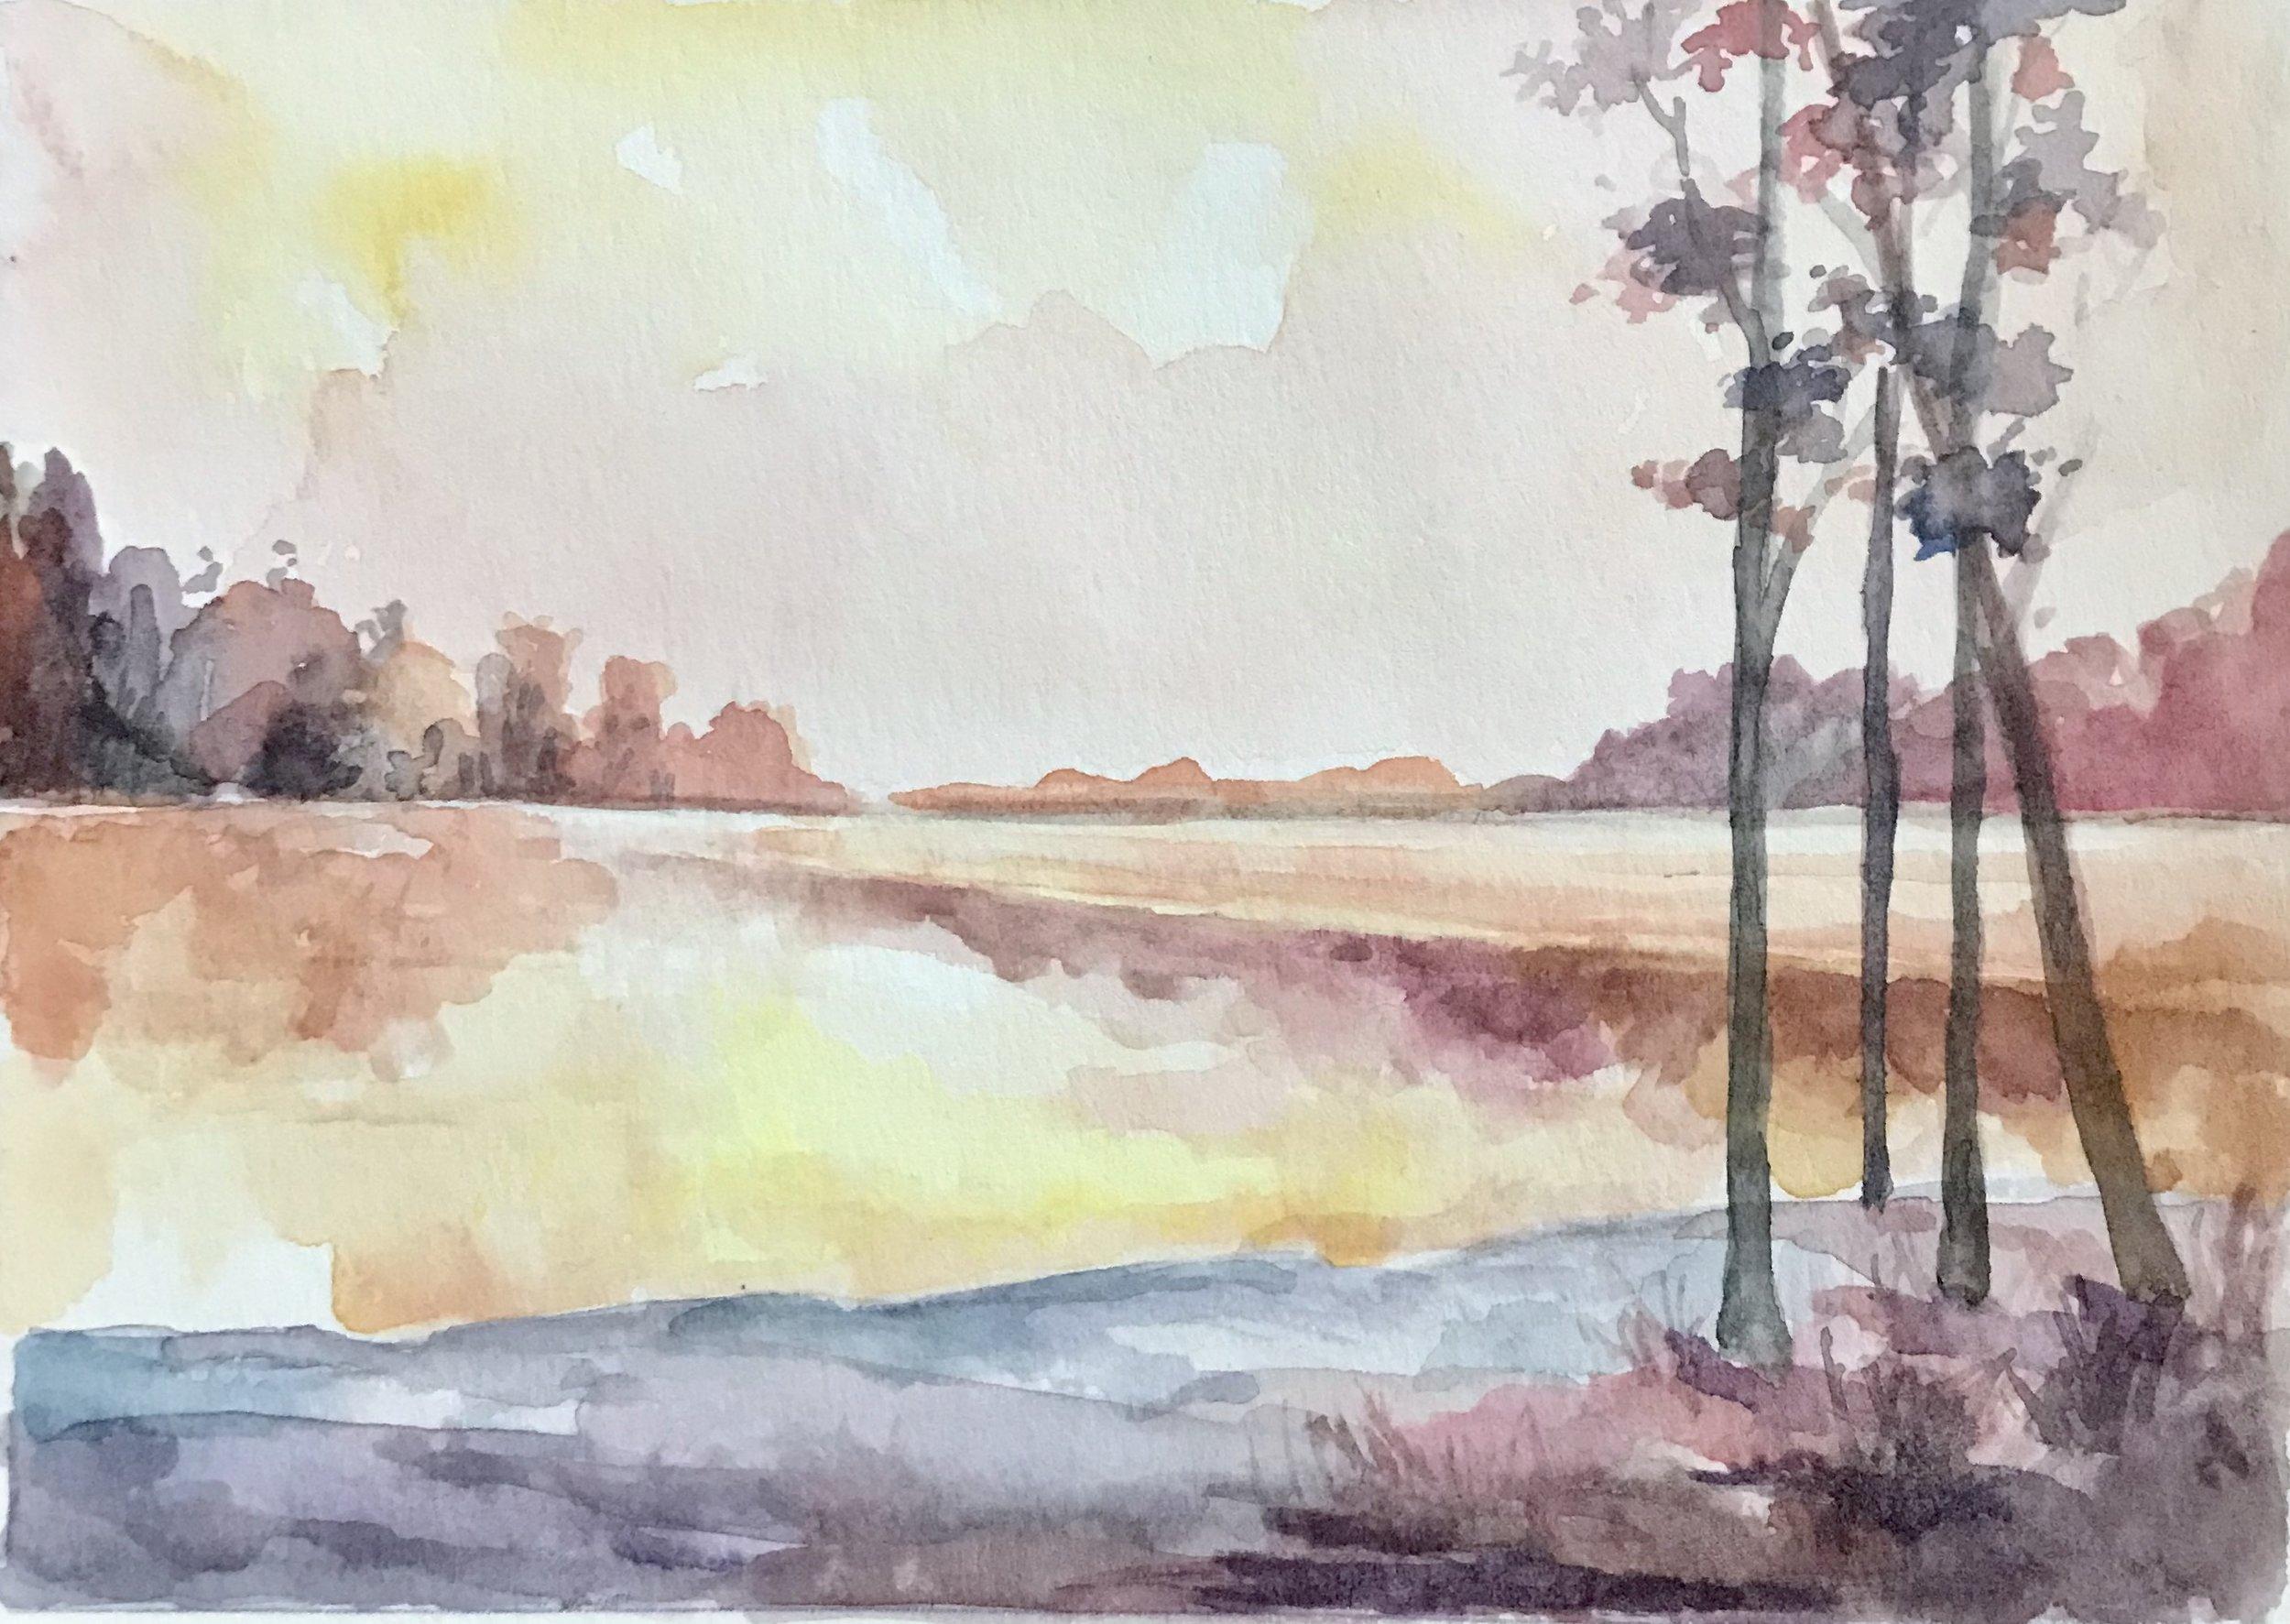 Serenity (no. 2)  5x7, watercolor. Sold.